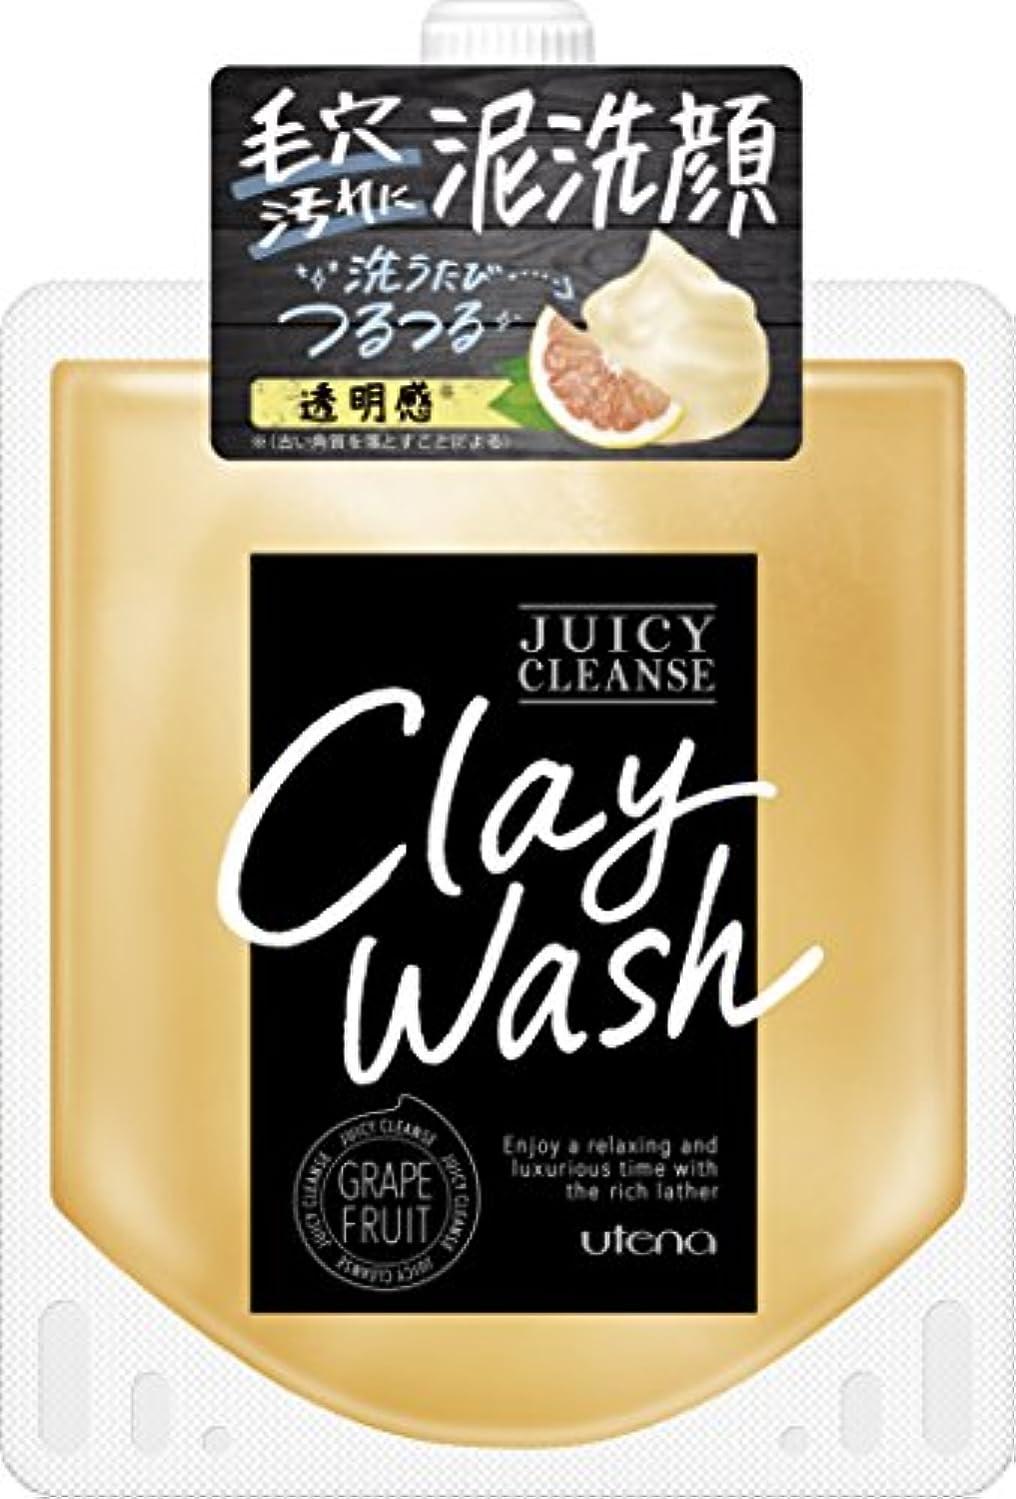 水銀の一般化する憤るJUICY CLEANSE(ジューシィクレンズ) クレイウォッシュ グレープフルーツ 110g